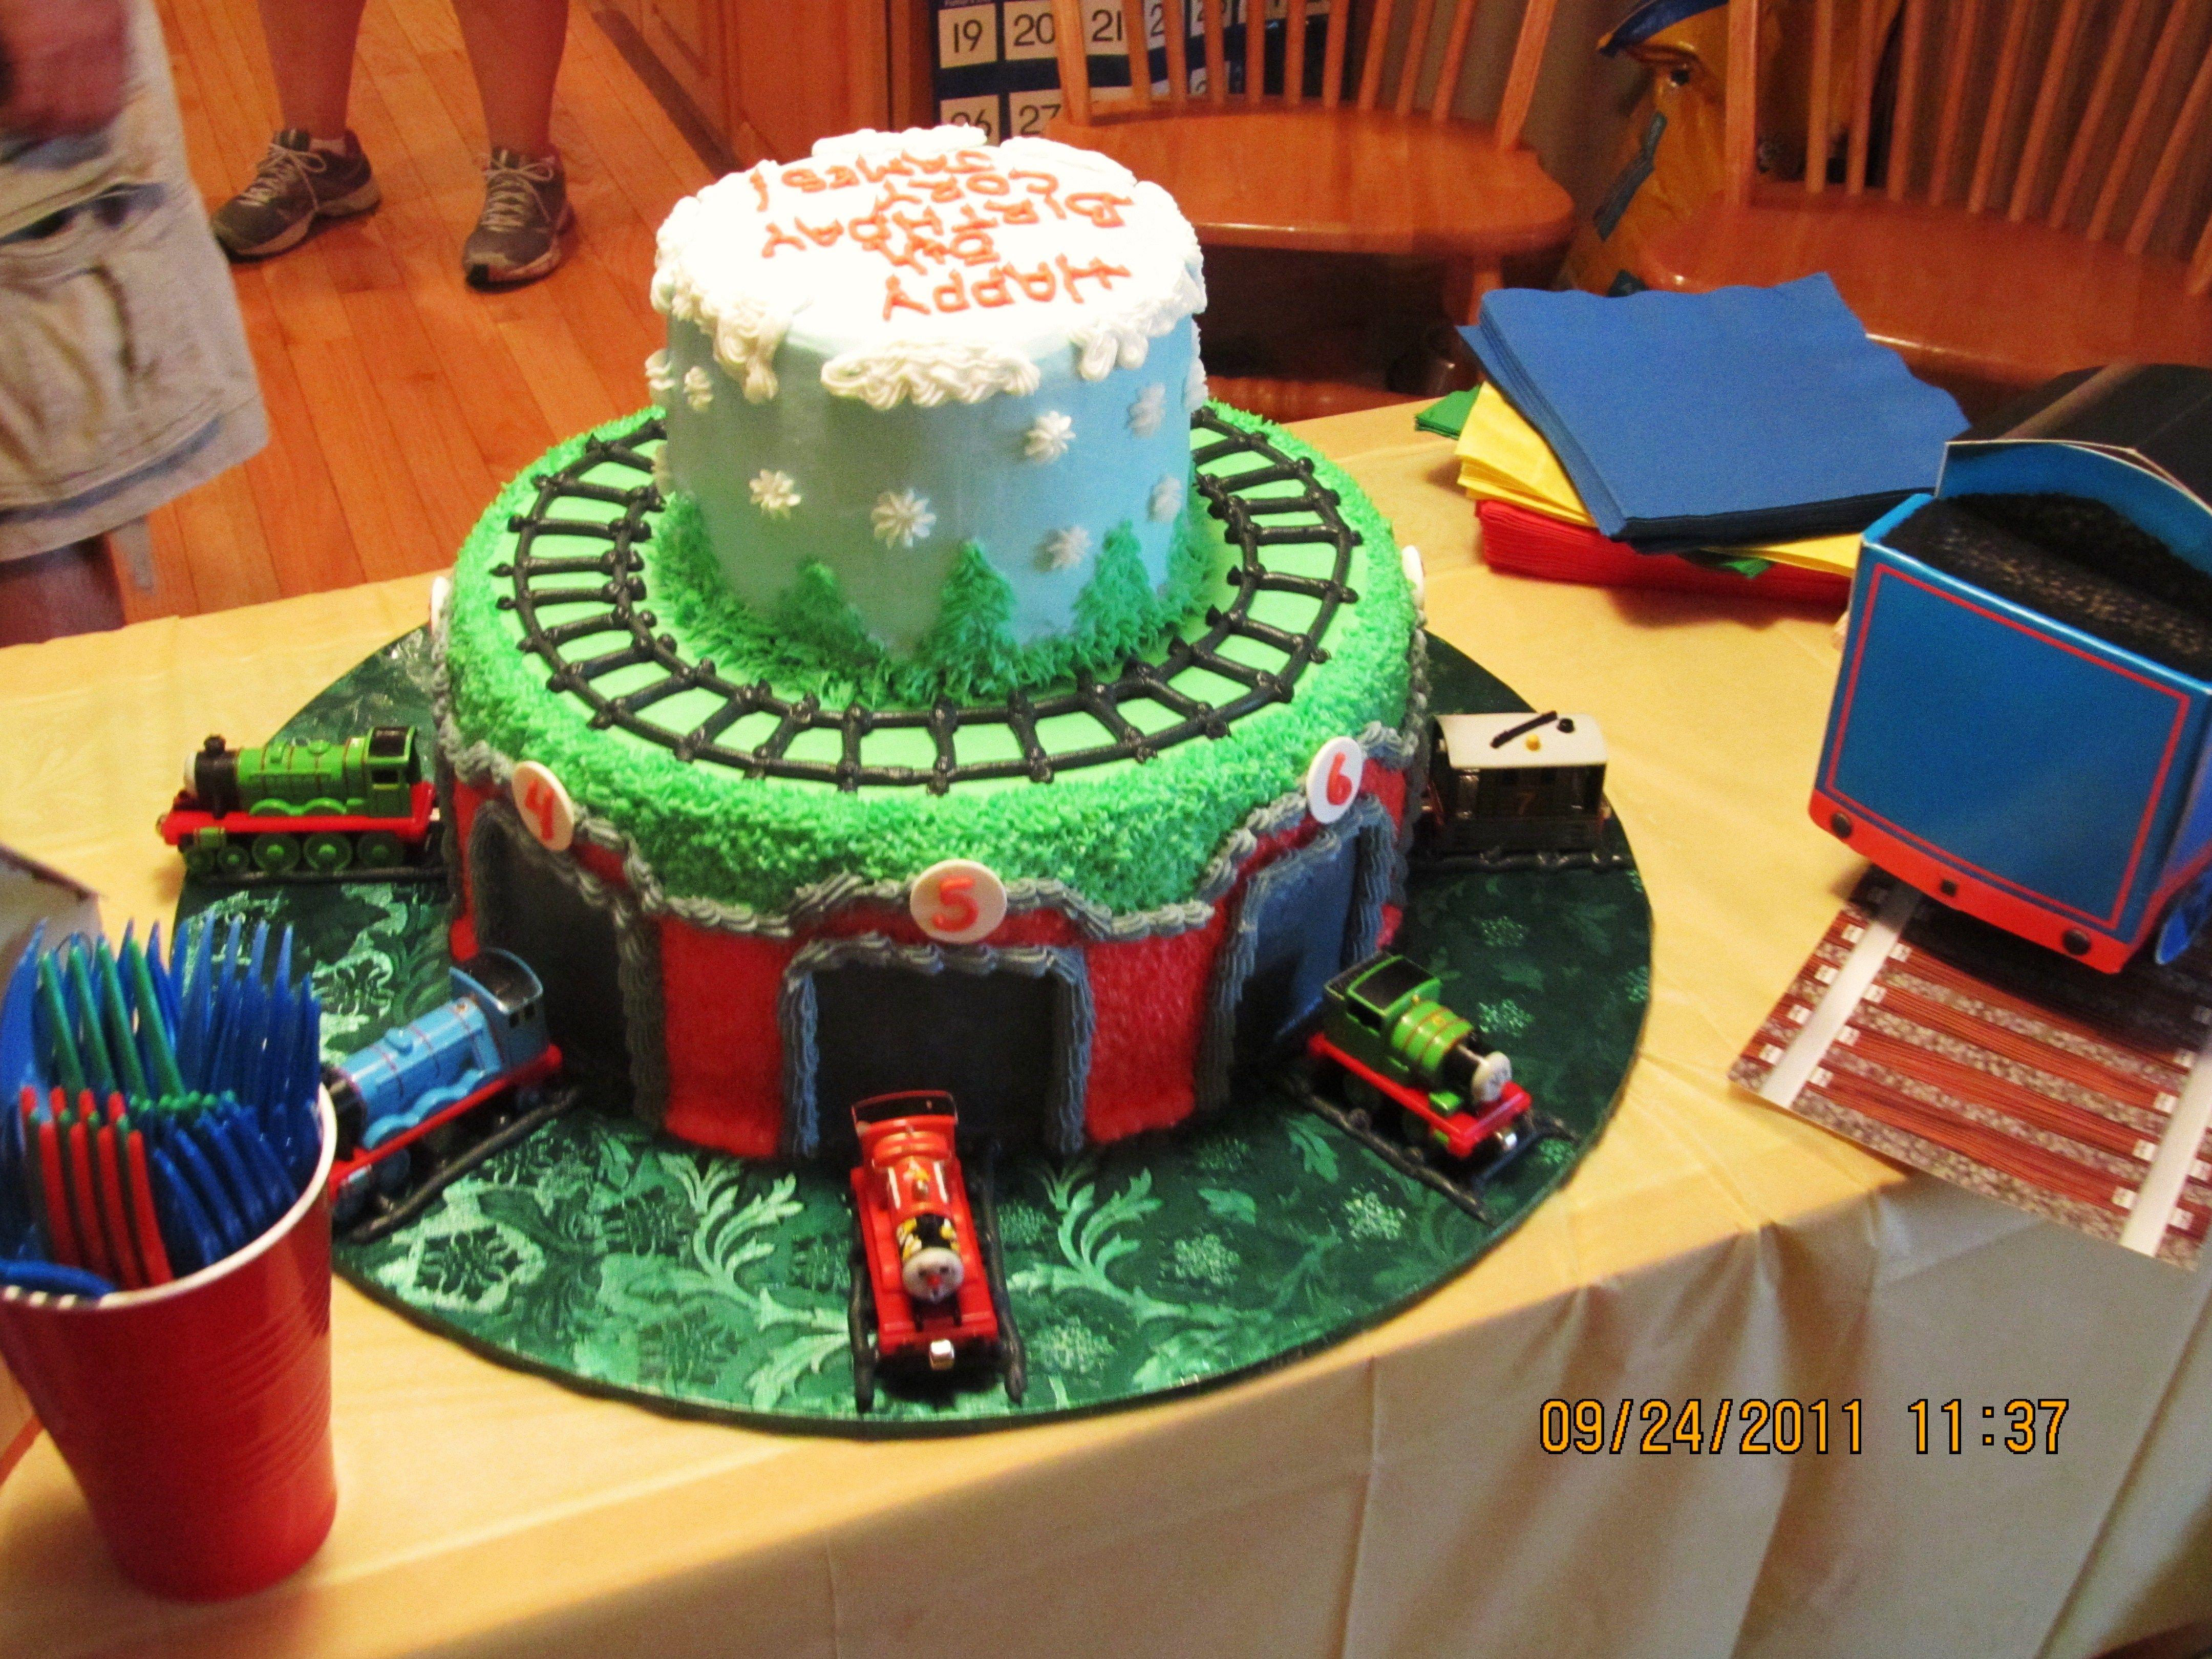 Cool Thomas The Train Cake Idea E Bottom Is The Shed